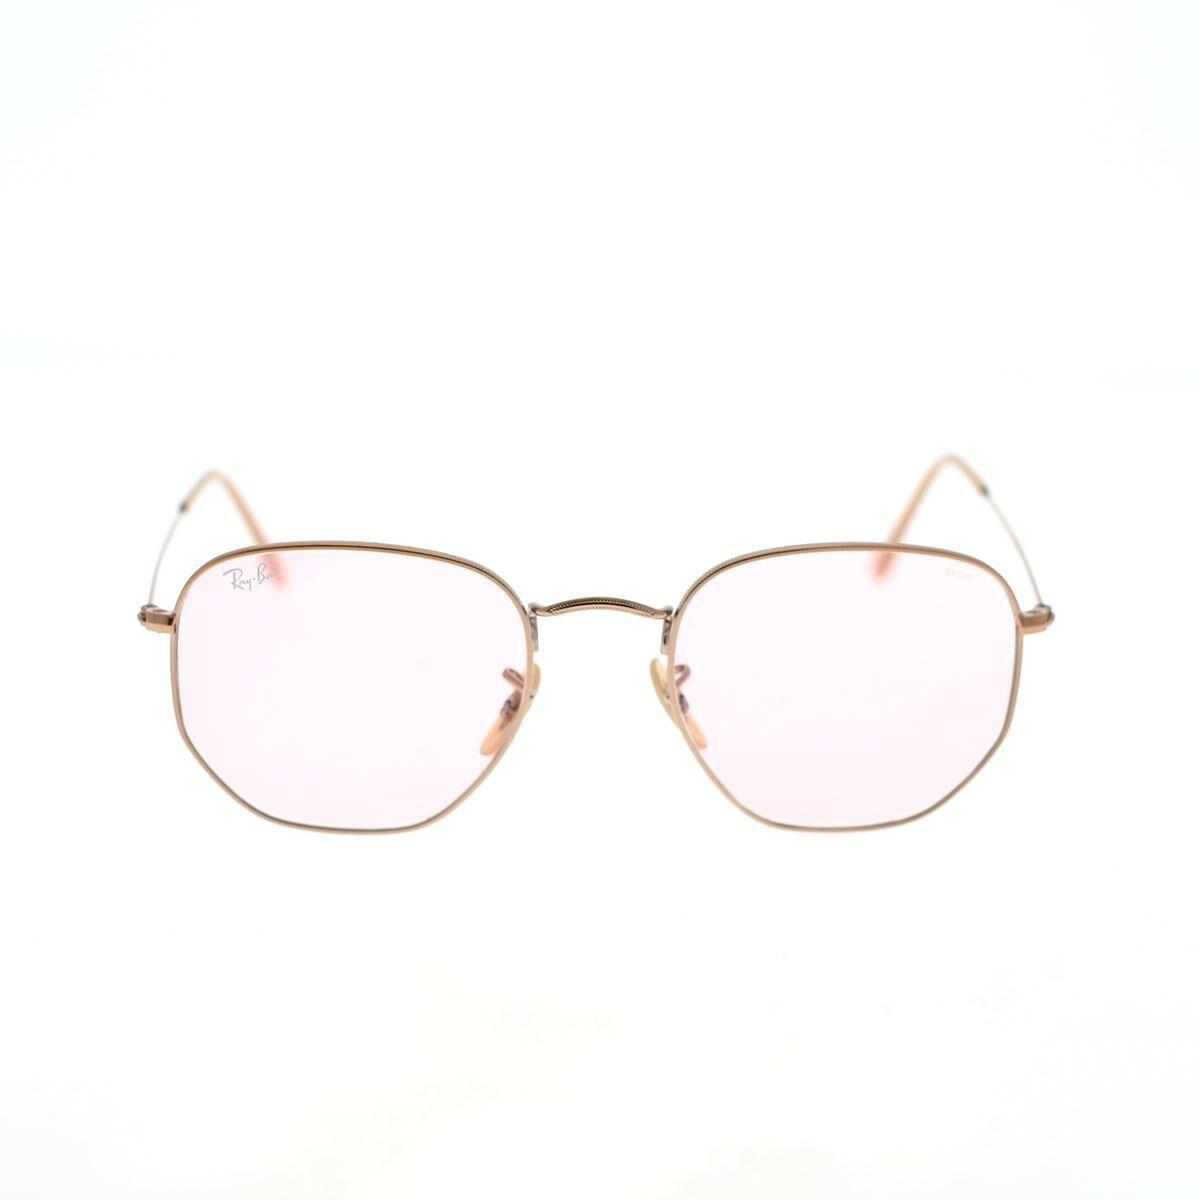 ray-ban occhiali da sole hexagonal rb3548n 91310x fotocromatici